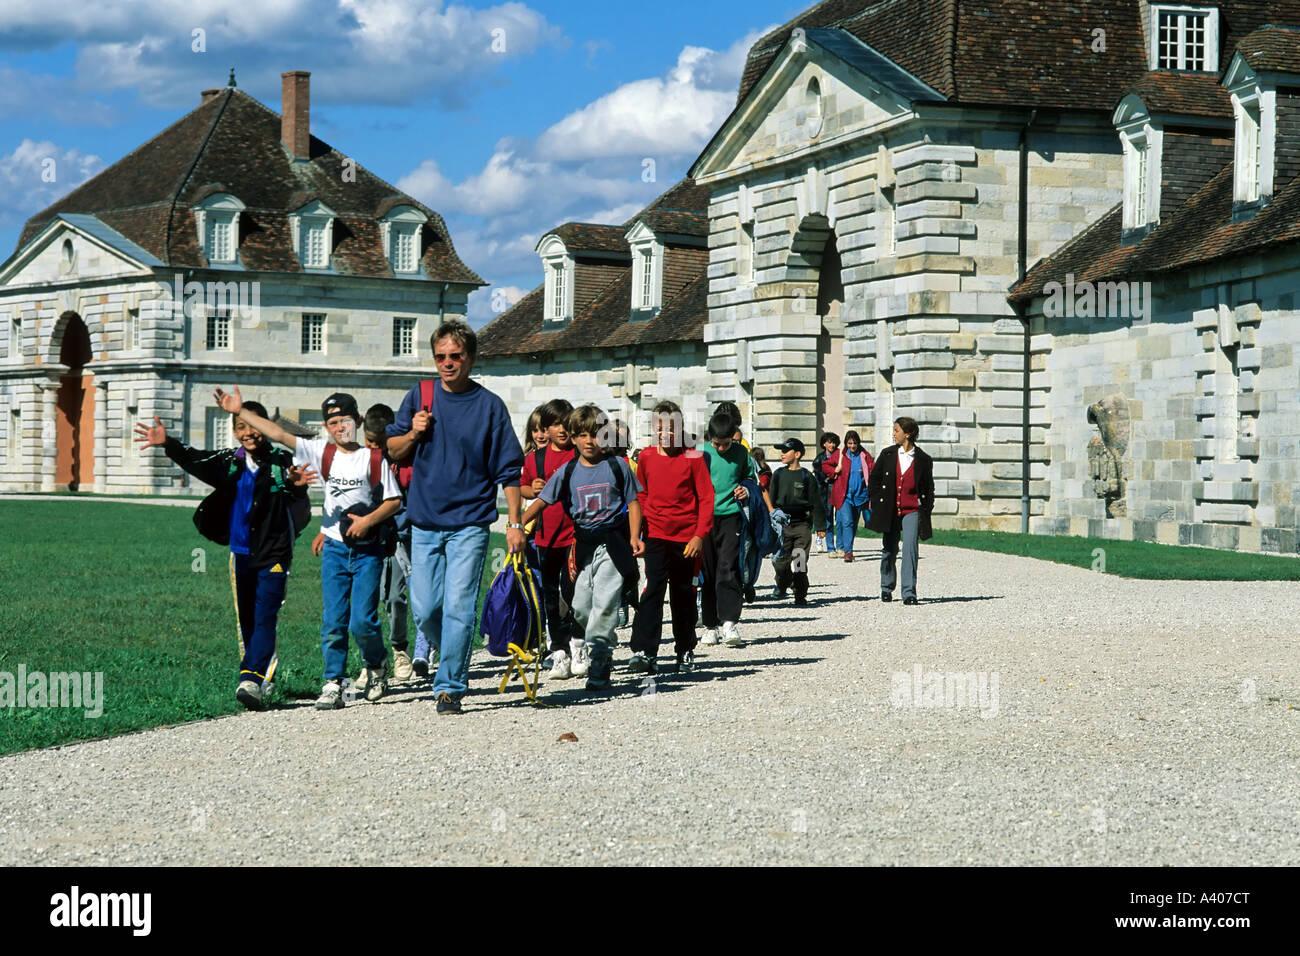 FRANCE JURA  ARC-ET-SENANS   SALINE ROYALE  ROYAL SALTWORKS GROUP OF VISITING SCHOOLCHILDREN - Stock Image